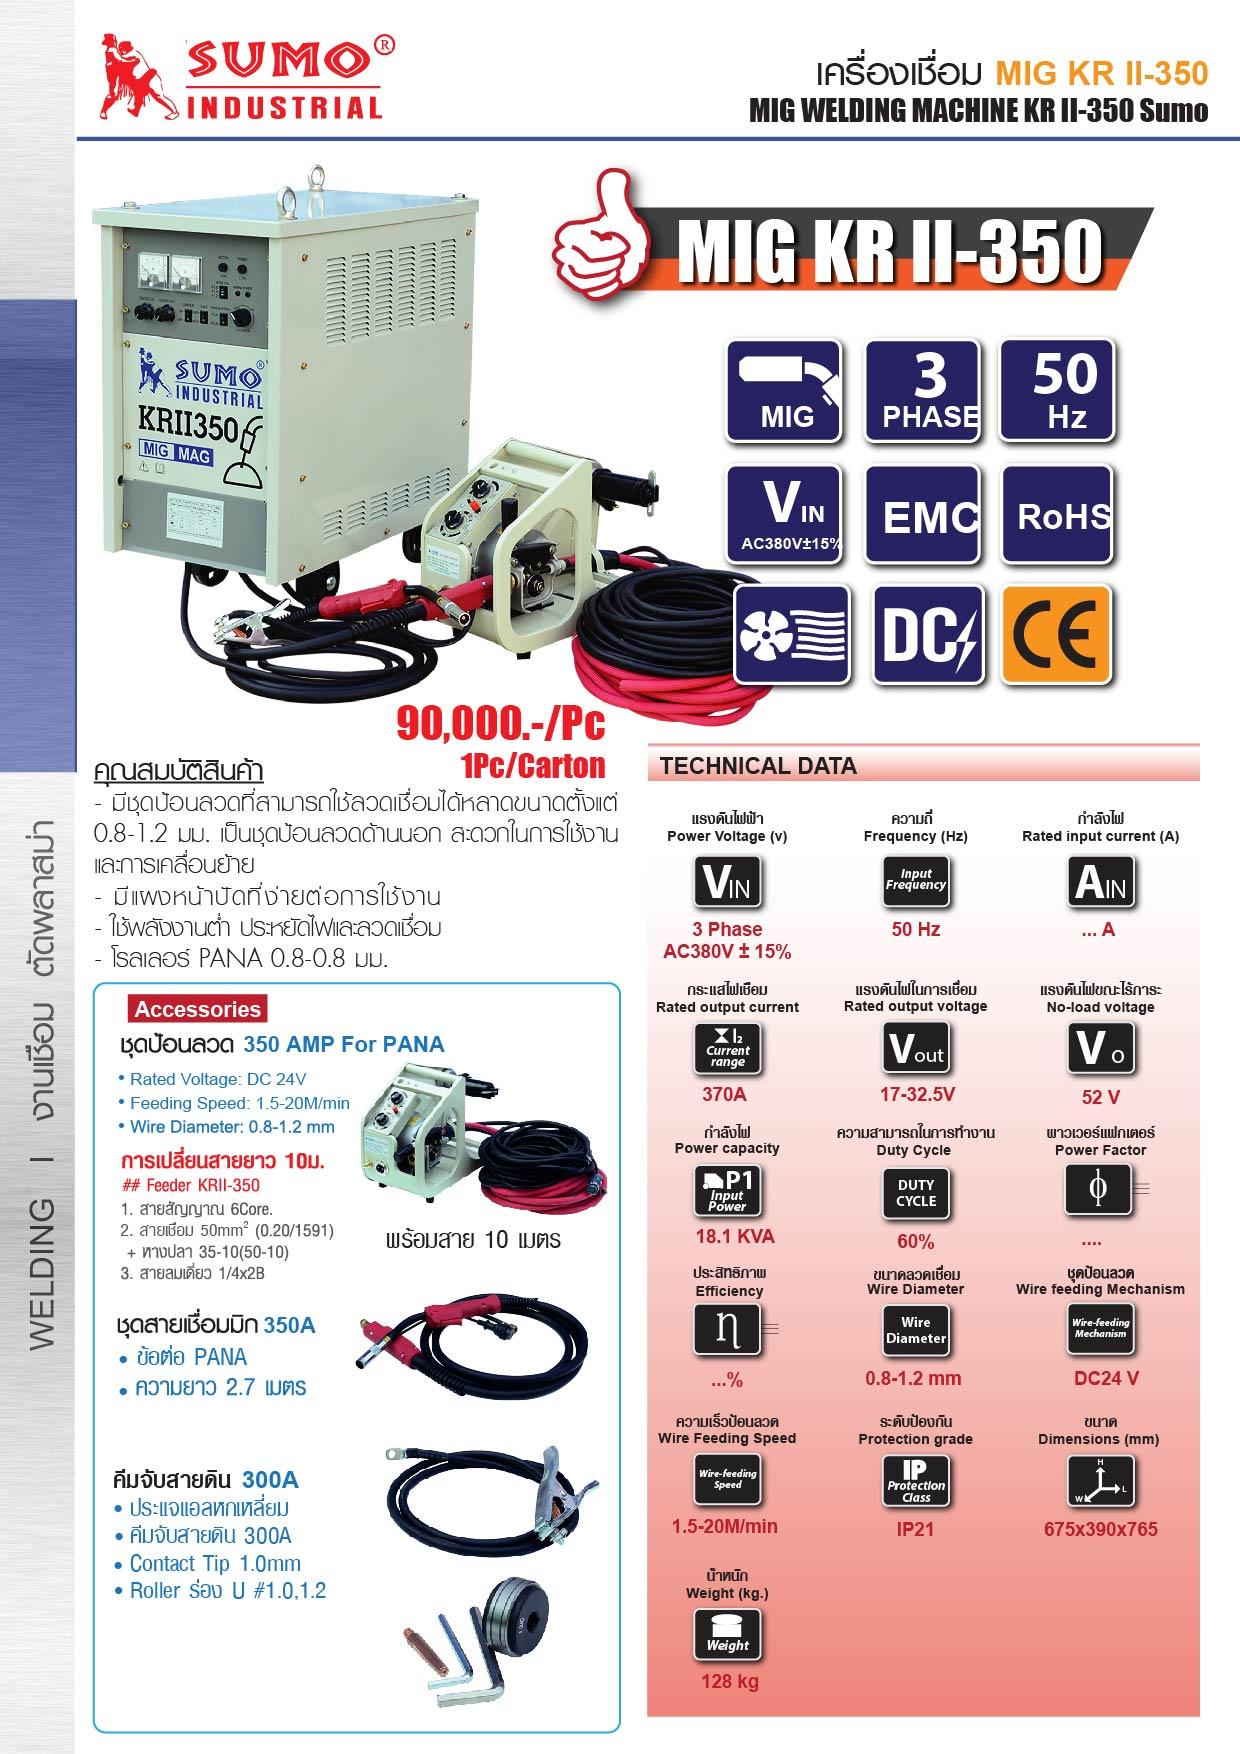 (7/14) MIG KRll-500